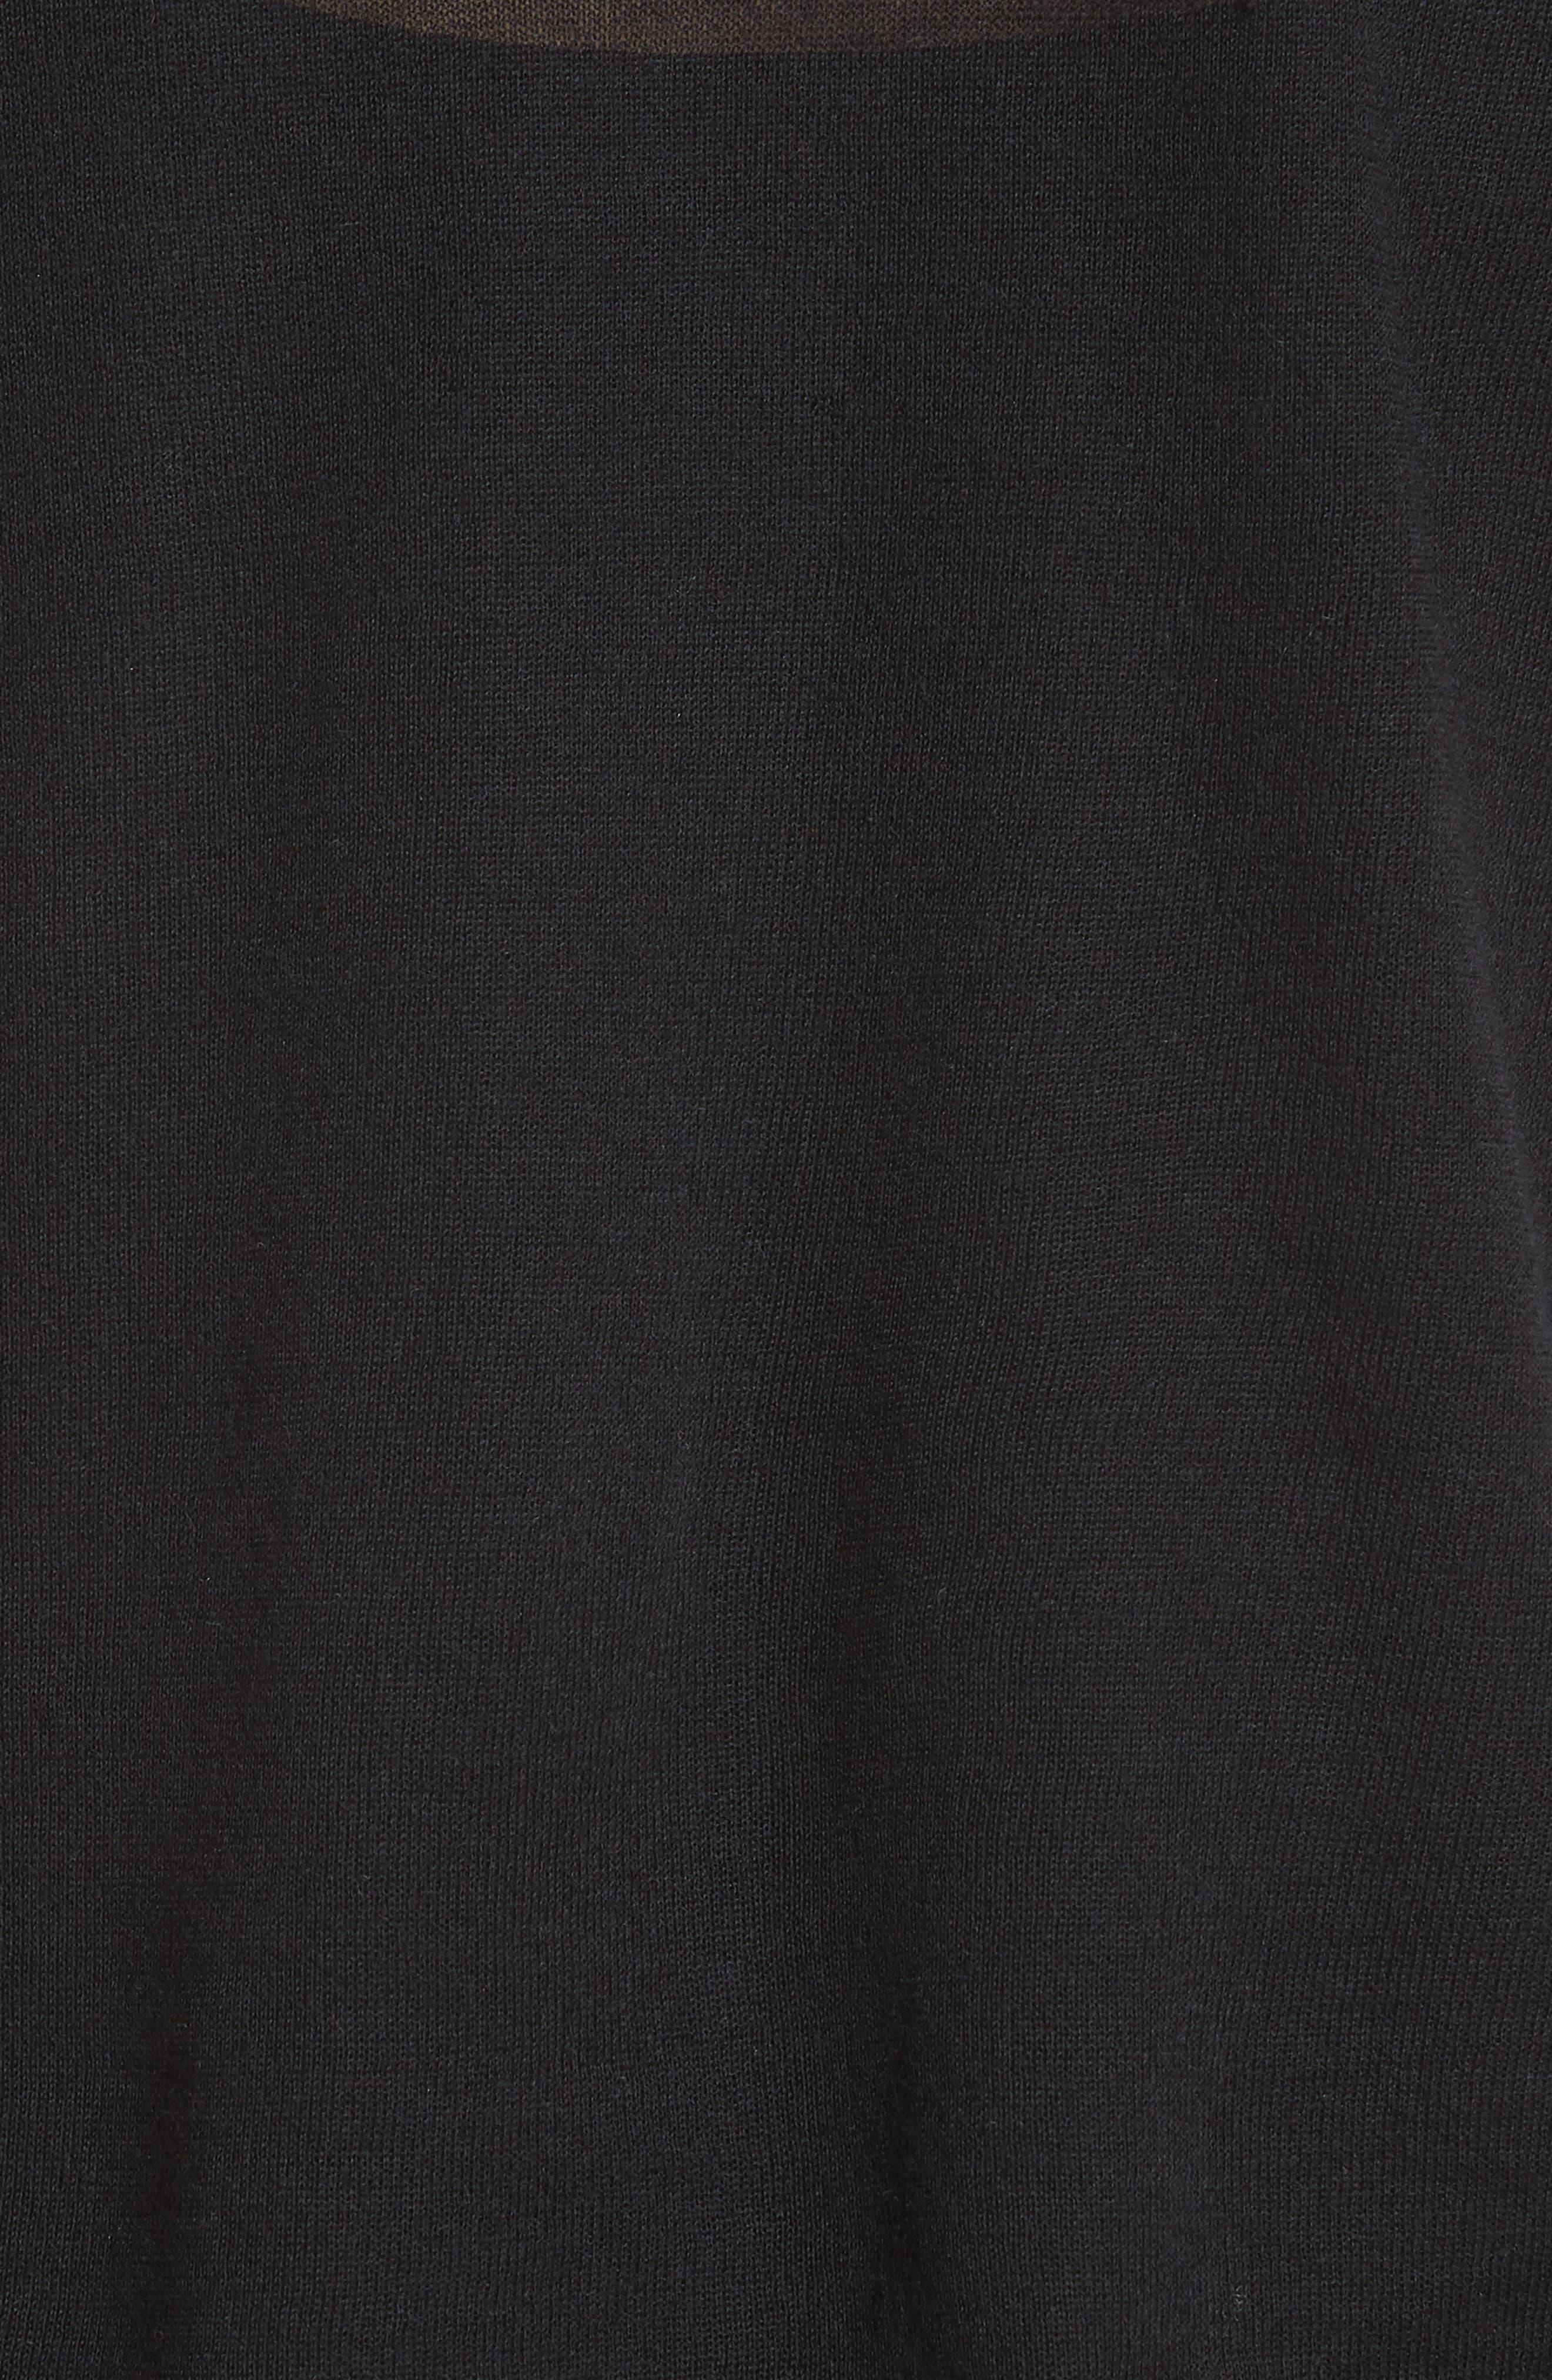 Killik Cashmere Sweater,                             Alternate thumbnail 5, color,                             Black